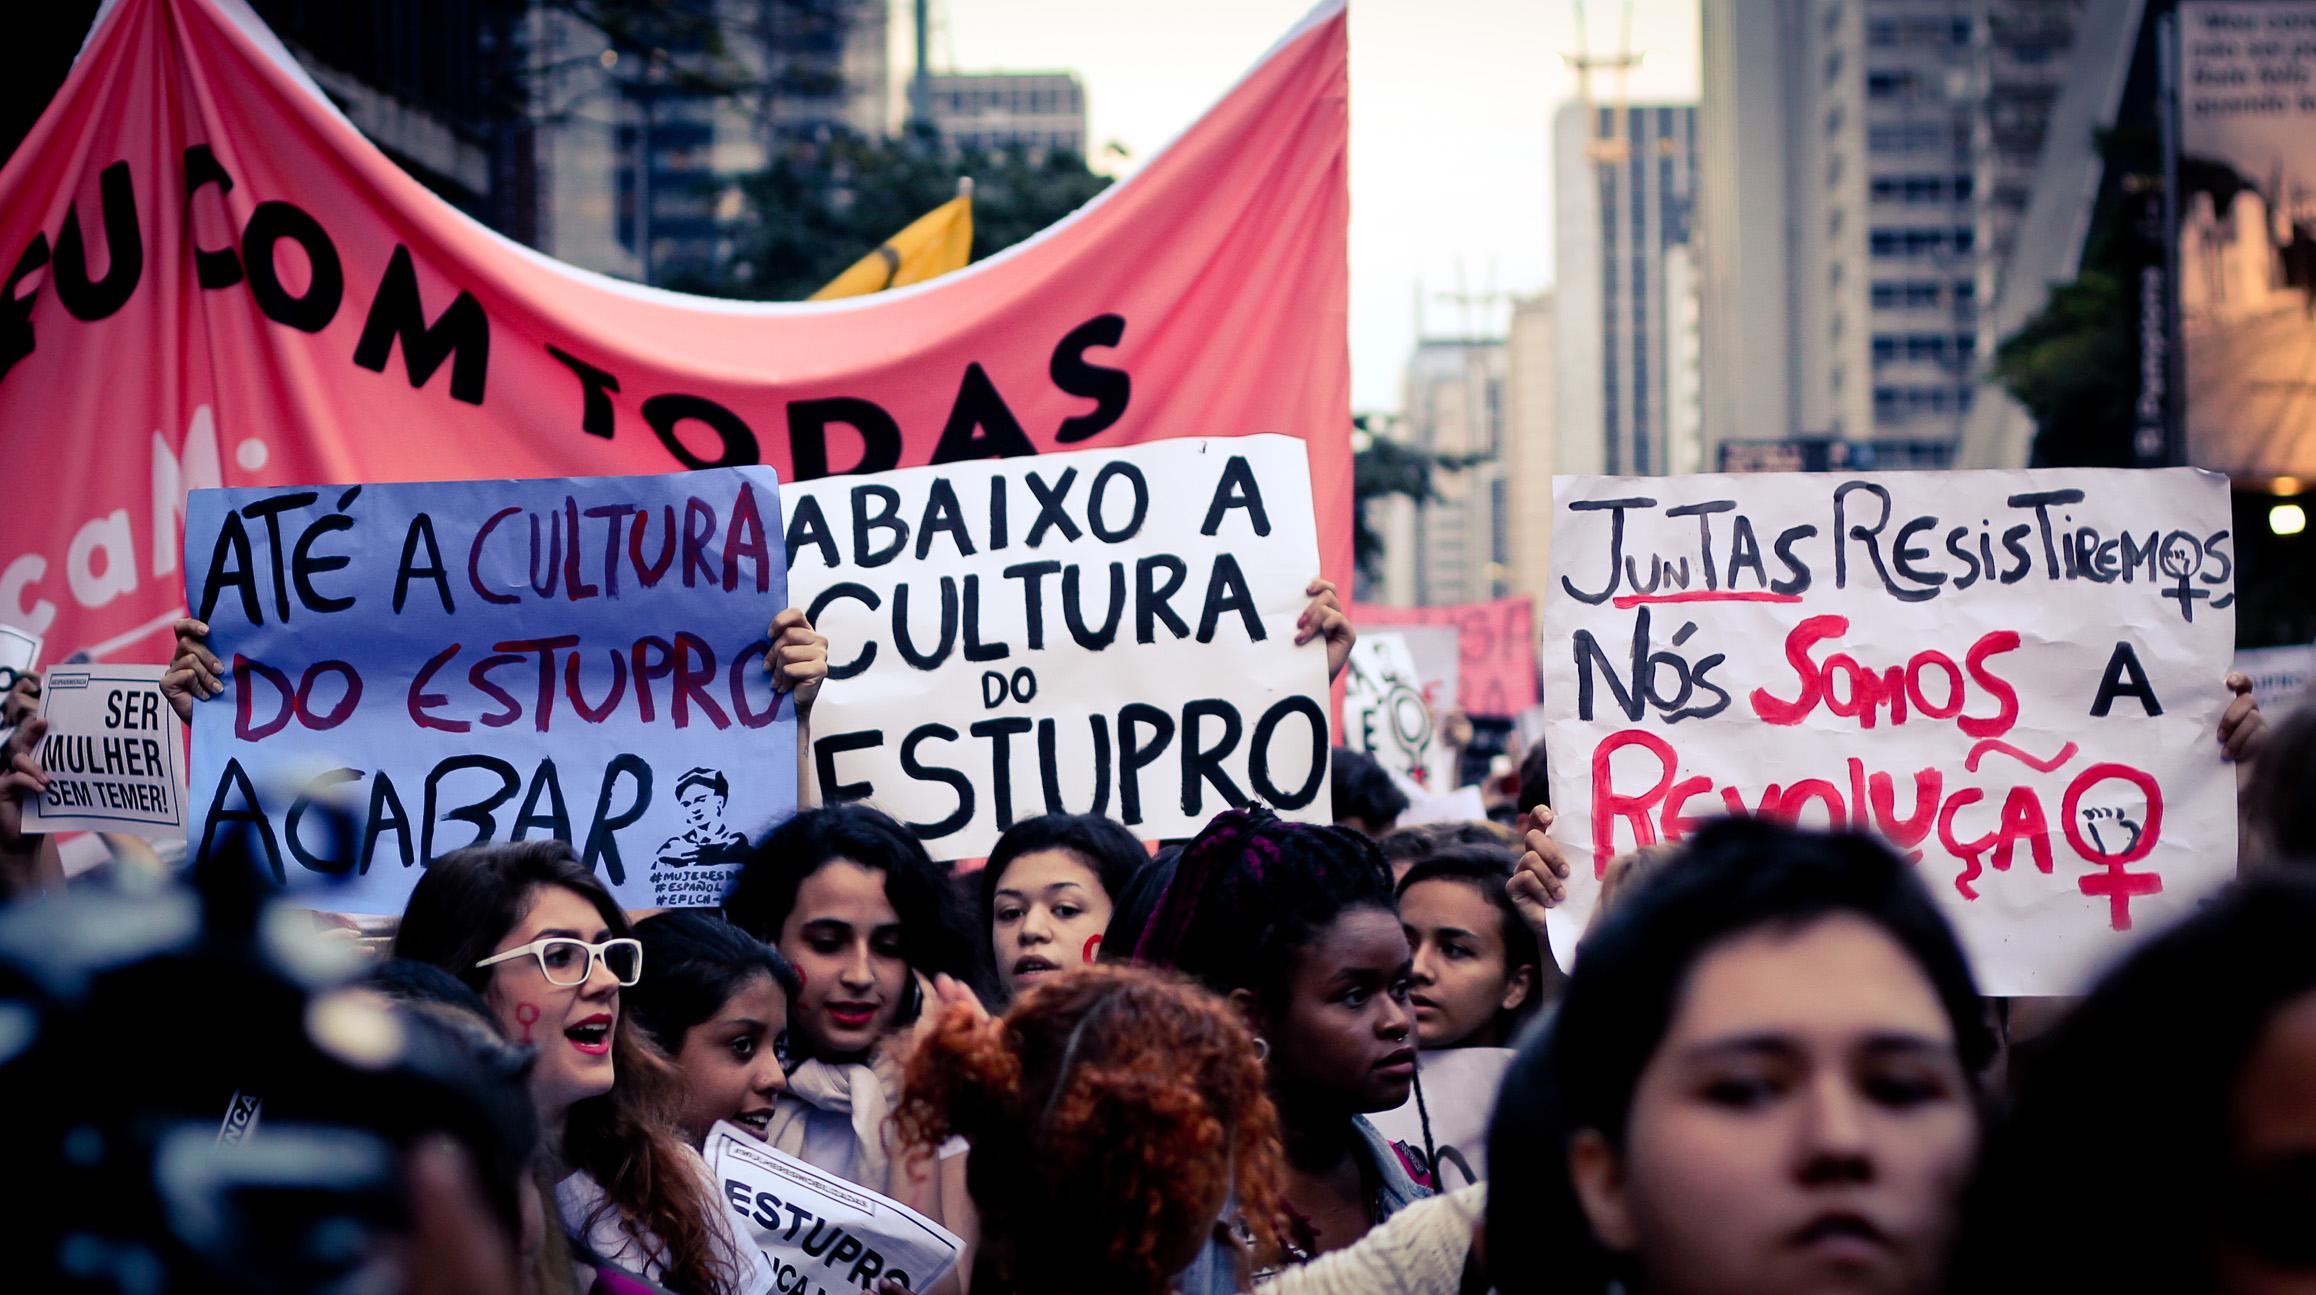 'A condição feminina passou a ser mais igualitária em relação aos homens porque os direitos humanos foram reconhecidos como universais'